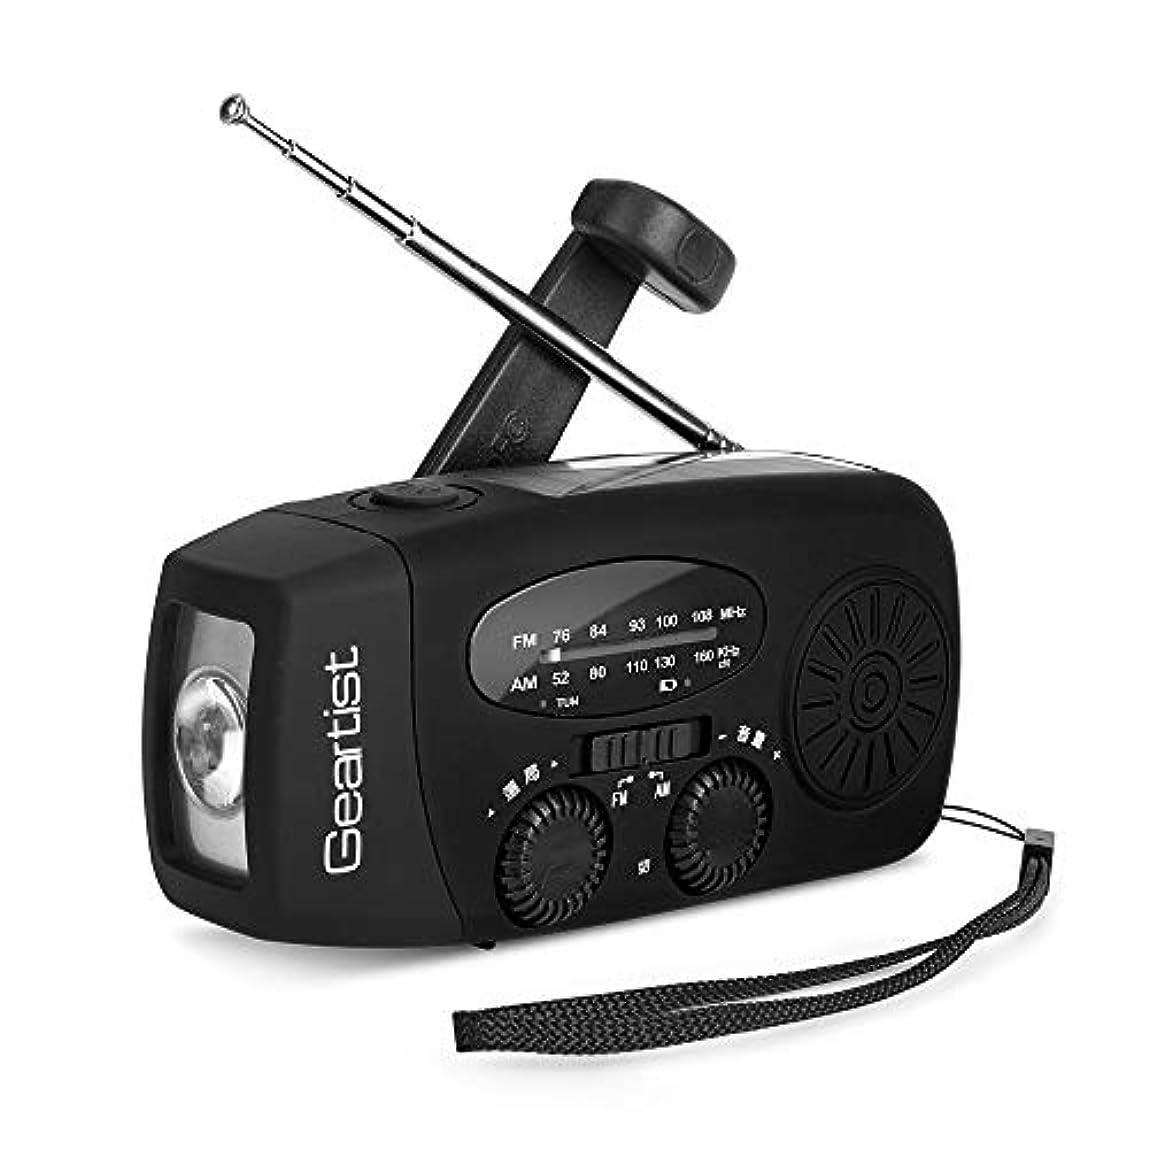 追記汚い占めるGeartist GTR88 ソーラーラジオ 天気ラジオ 手回しラジオ WB/AM/FM携帯ラジオ LED付き懐中電灯 1000mAh 携帯に充電可能